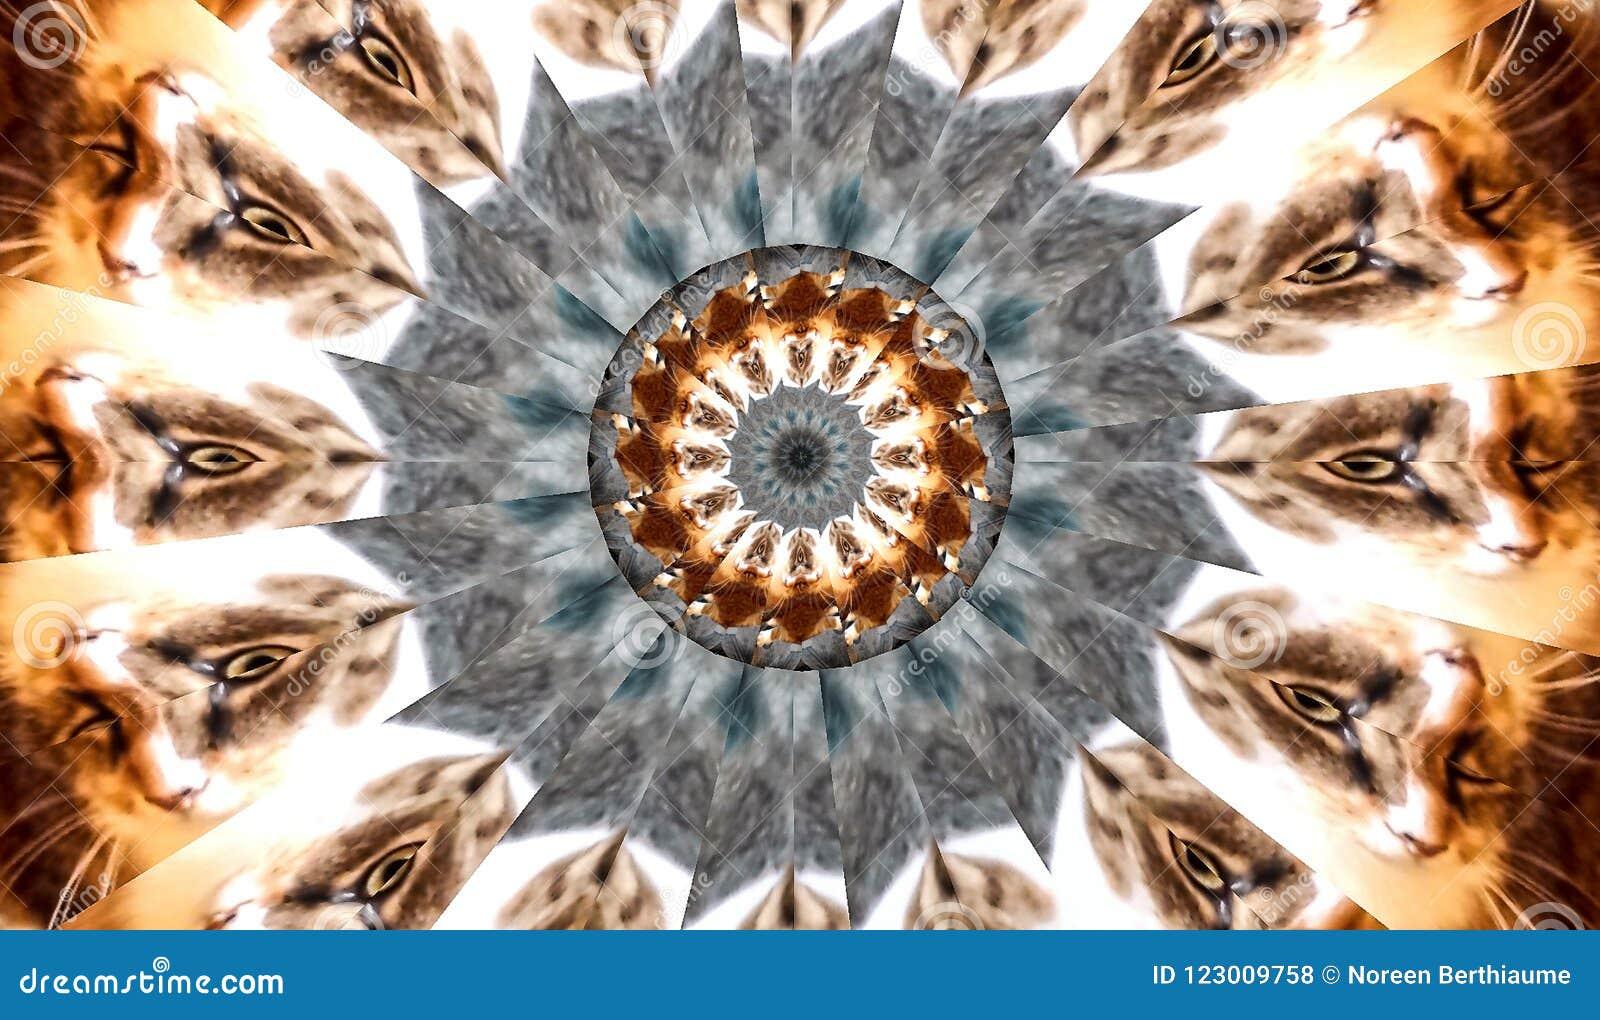 猫眼横幅万花筒分数维